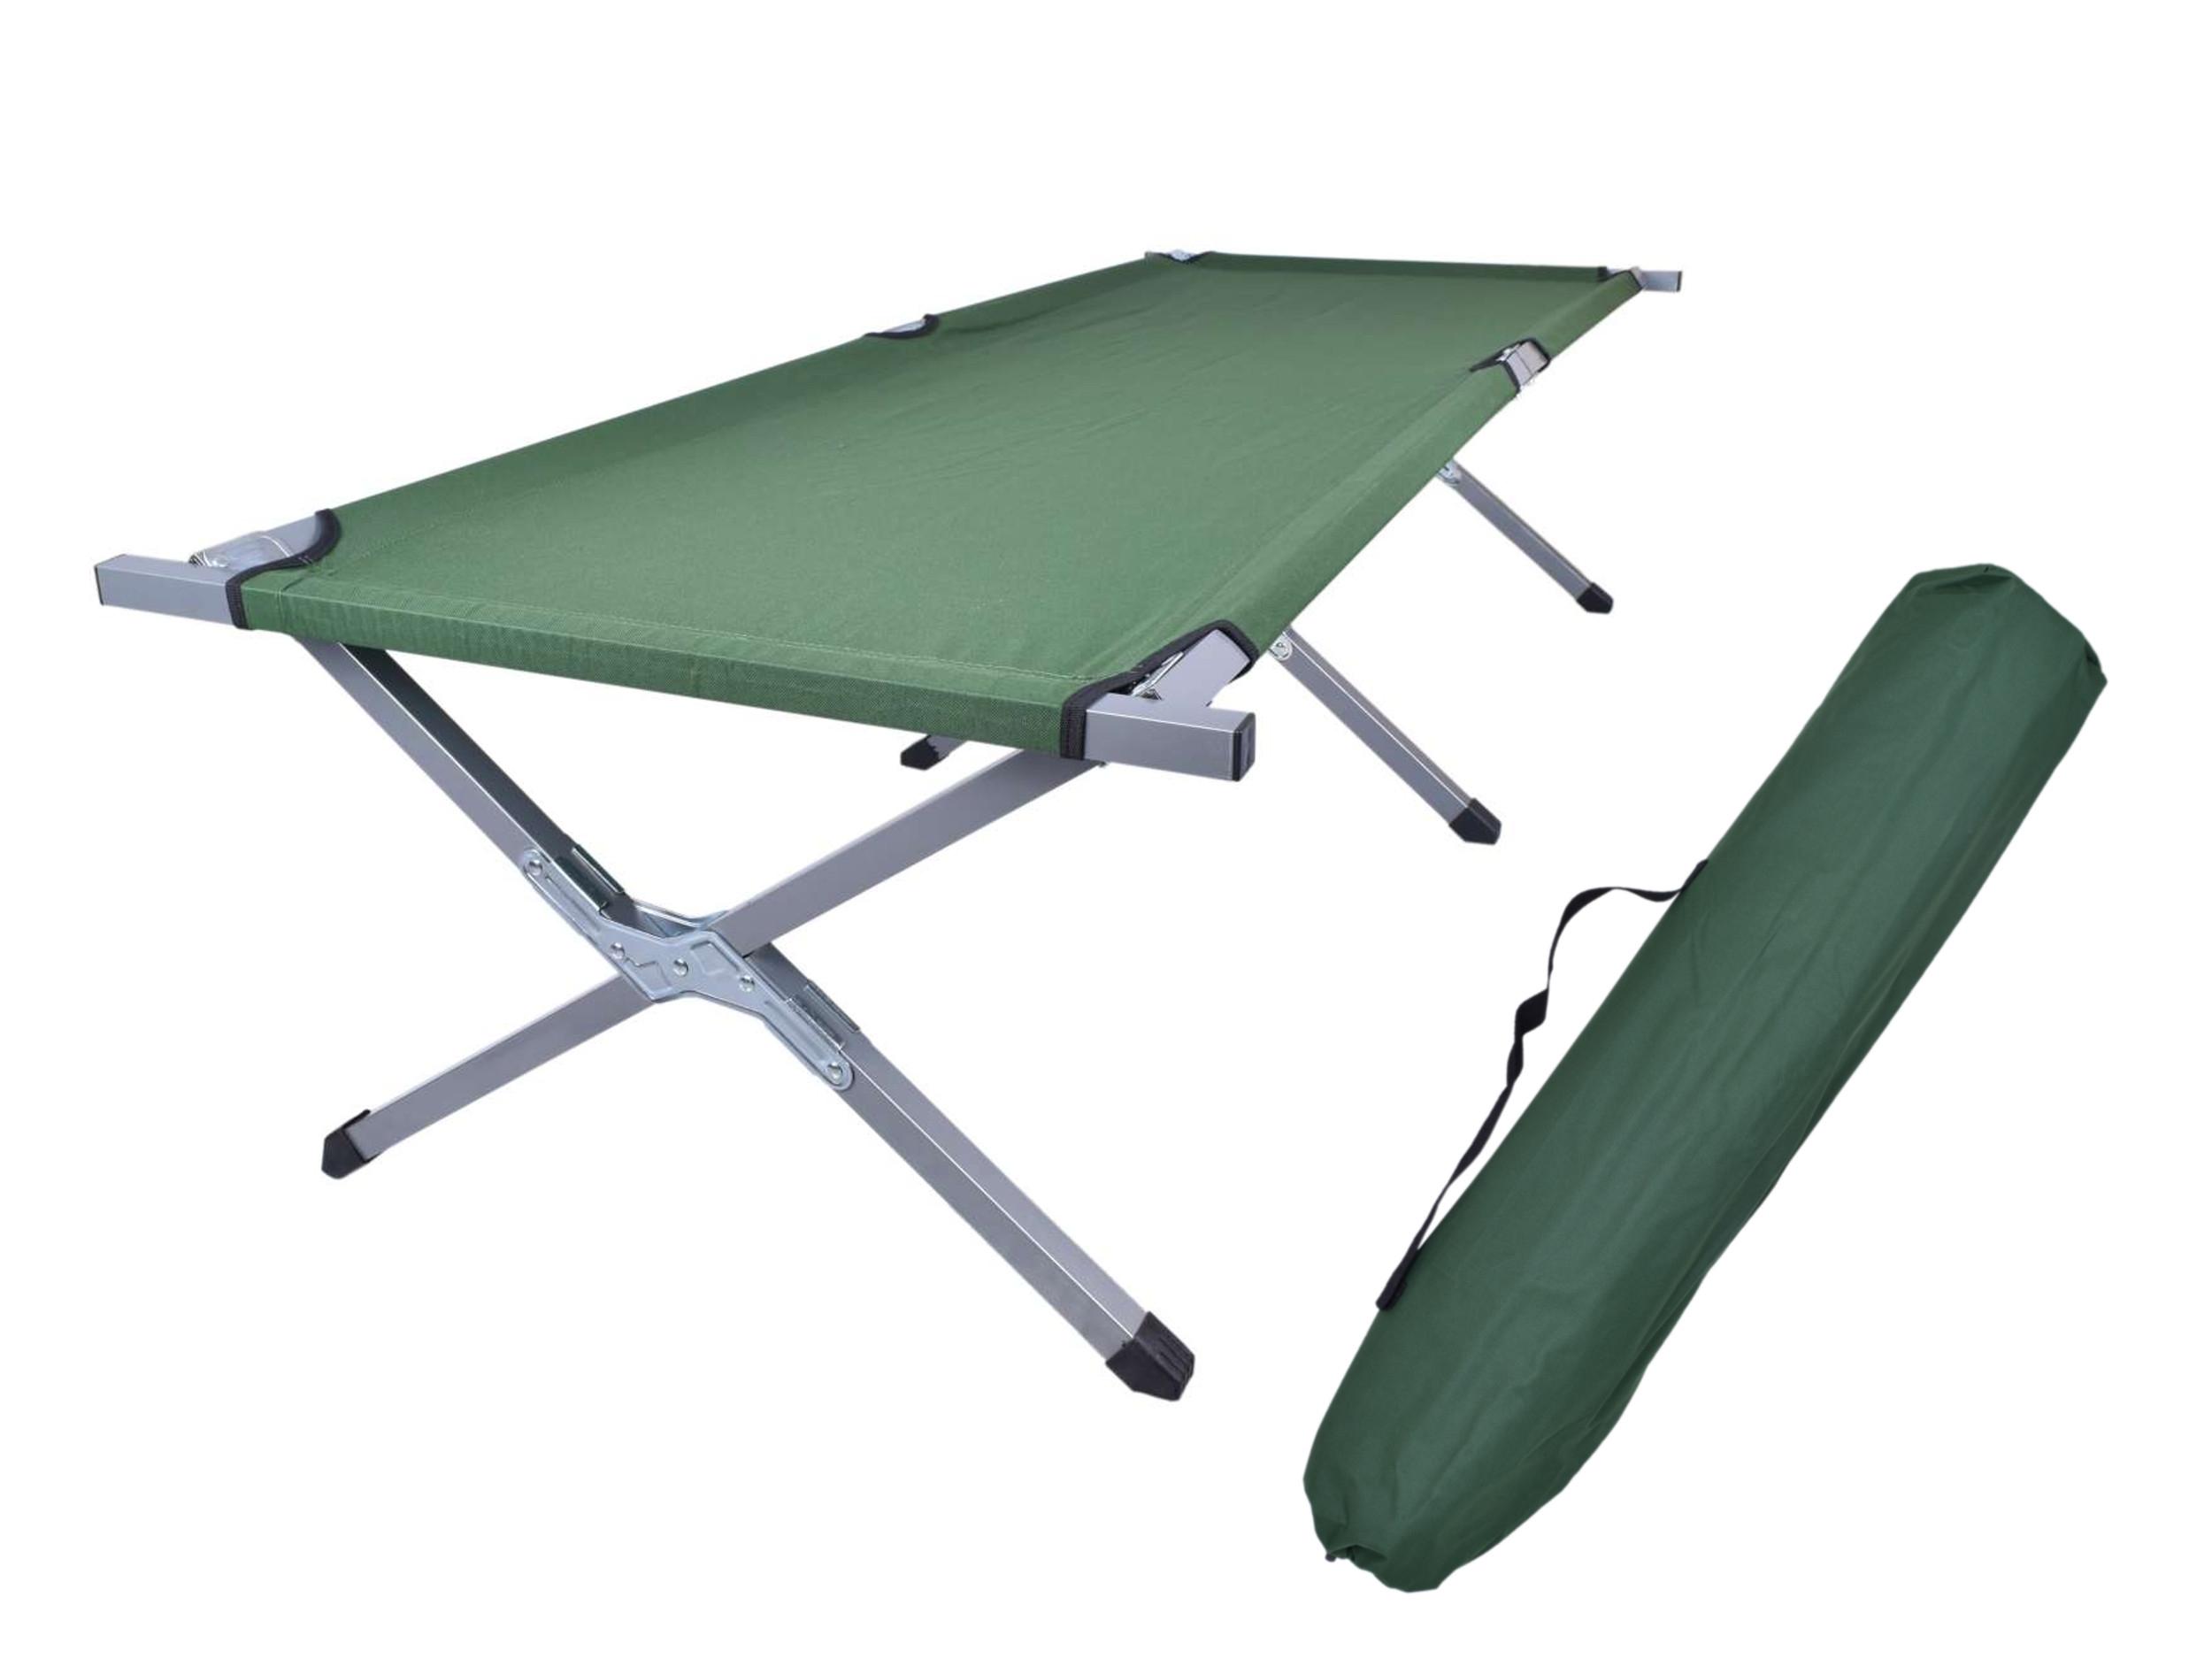 łóżko Polowe Turystyczne Teo Xl 210x77 Cm Zielony Tohurtpl